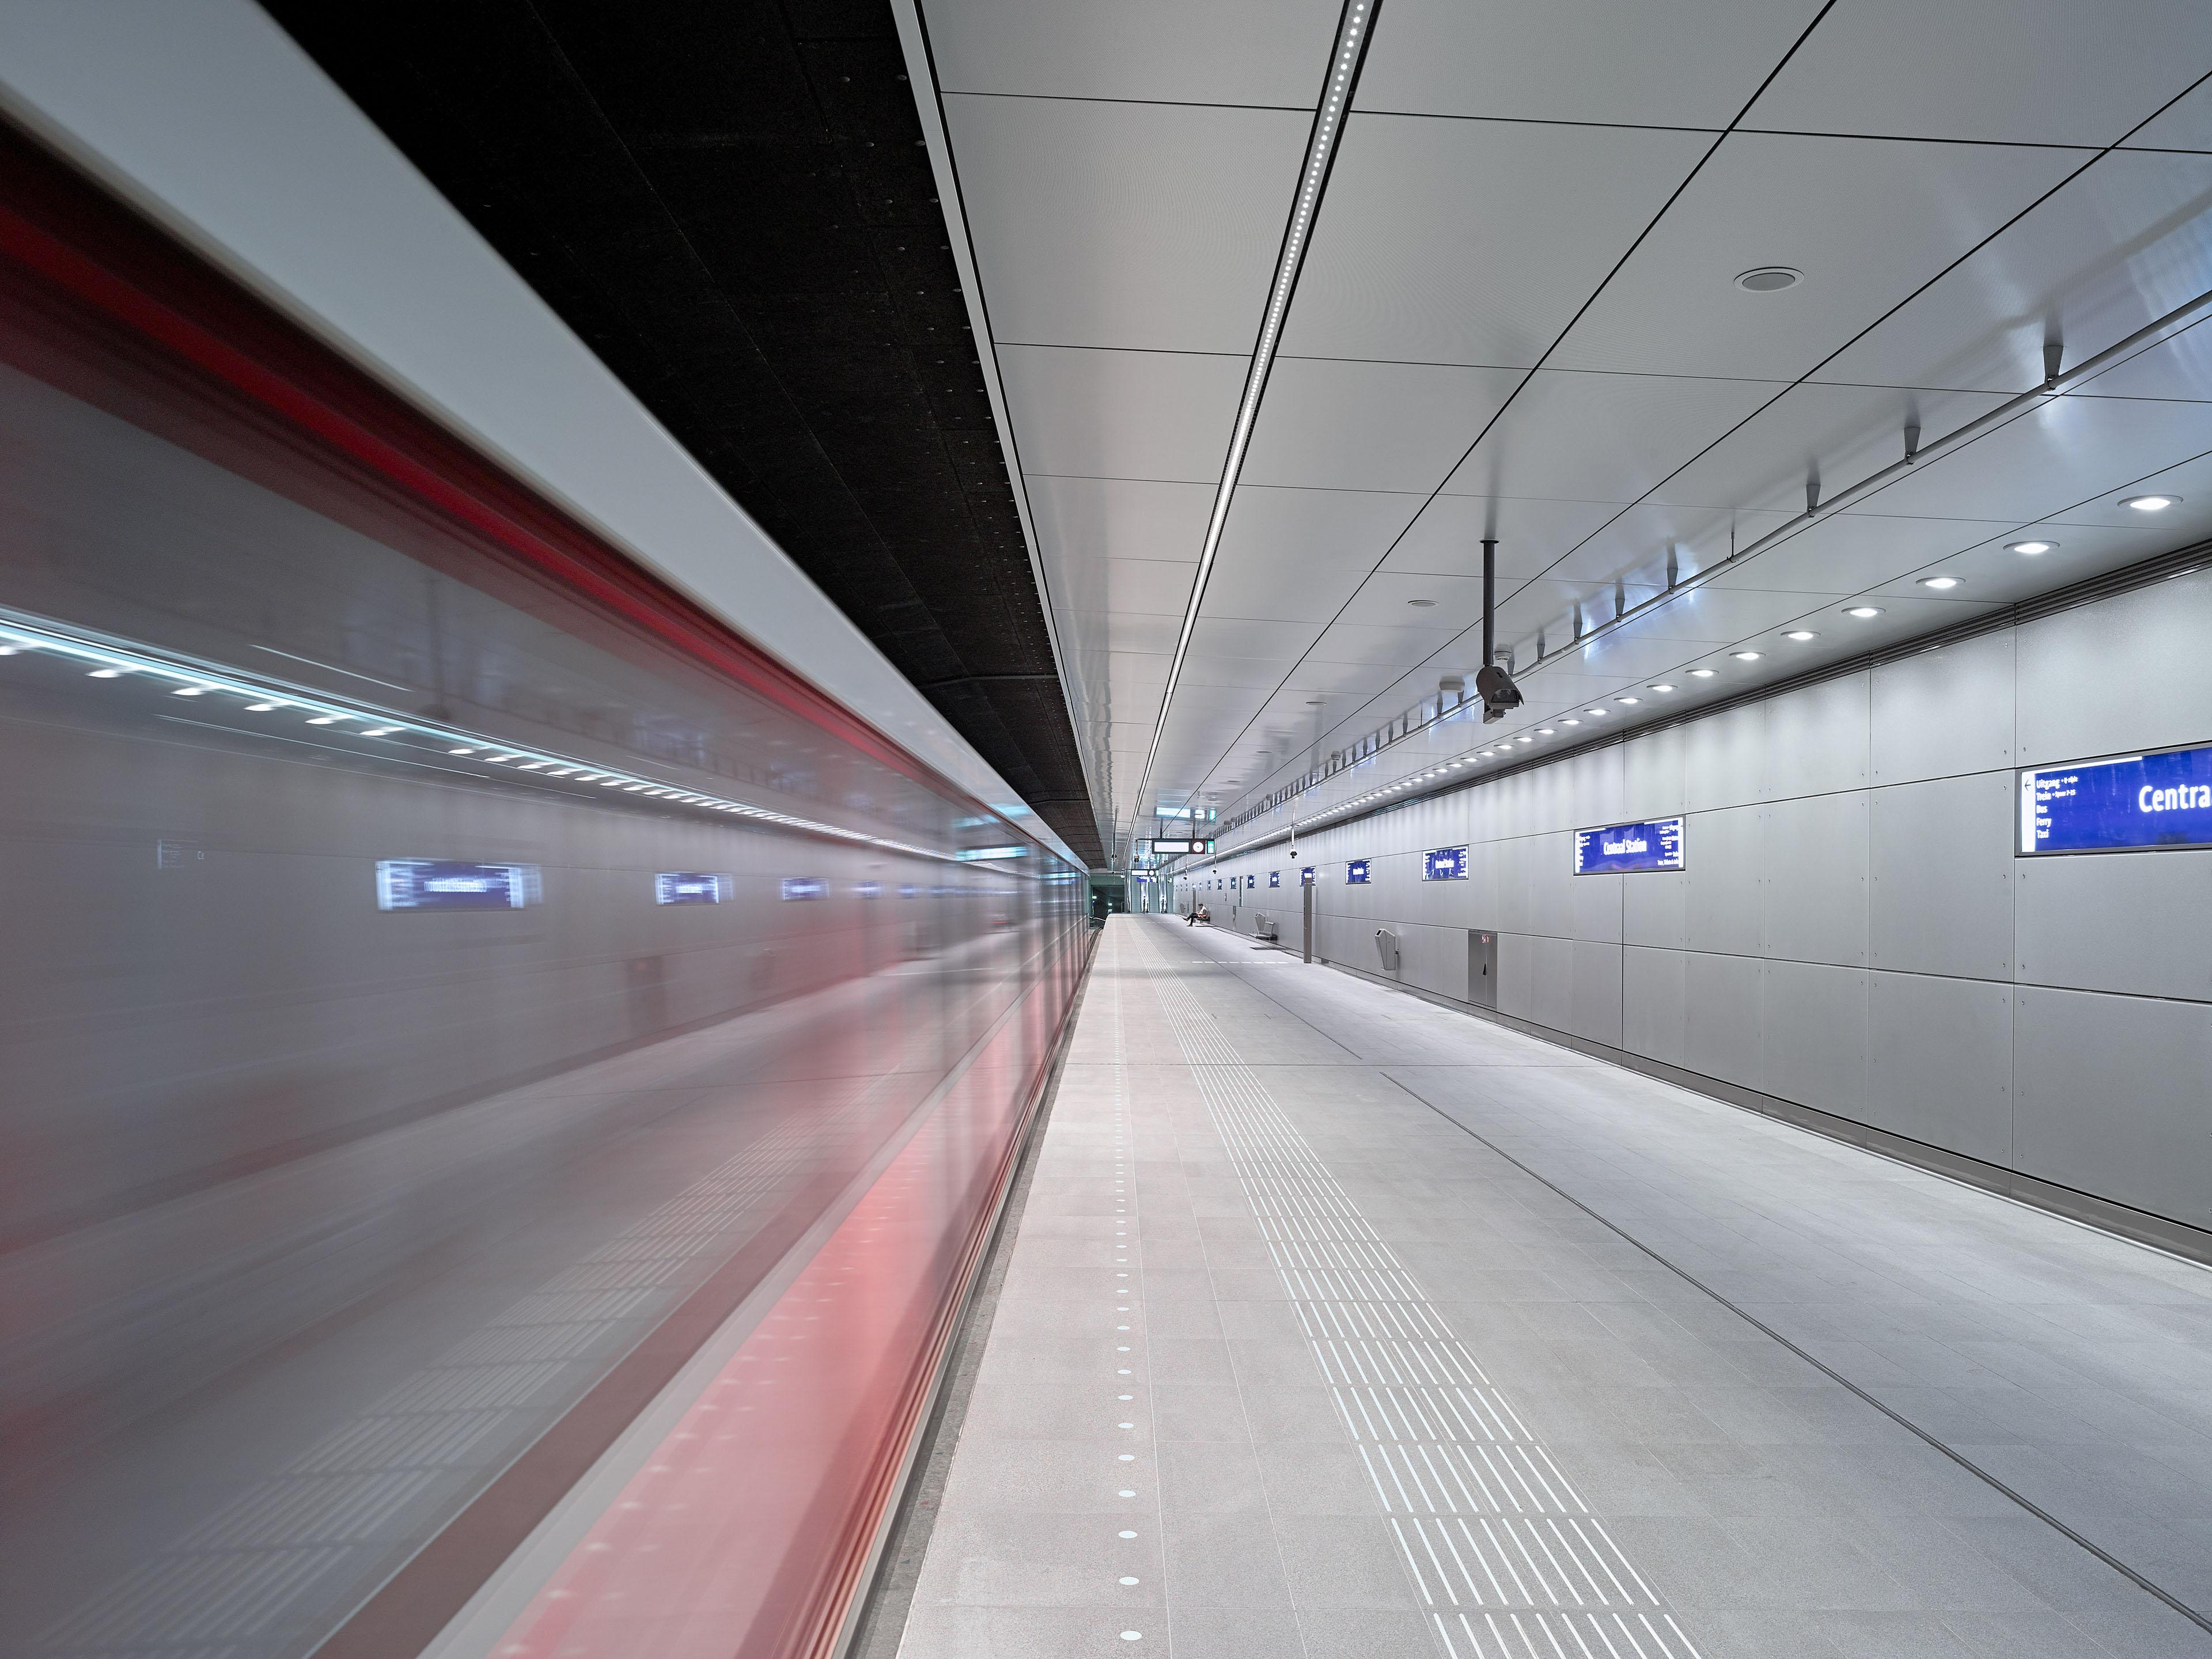 Noordijk North-South Metro Line Amsterdam